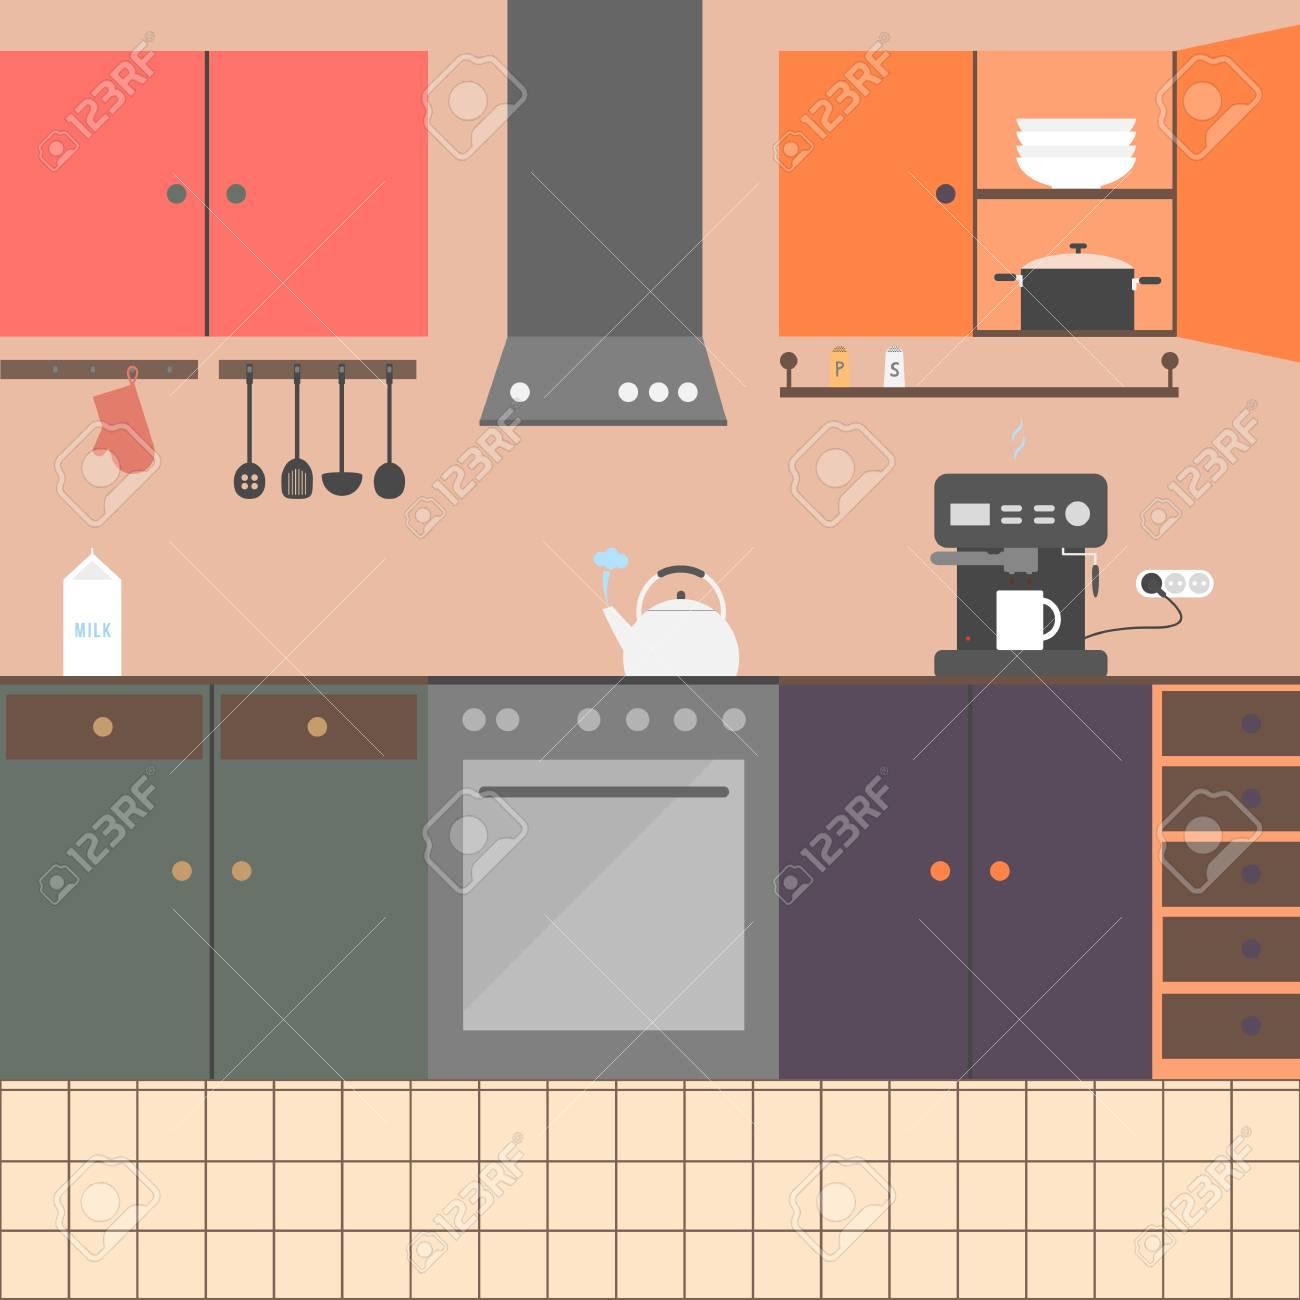 Interiore Della Cucina Con Mobili, Elettrodomestici, Piatti. La ...